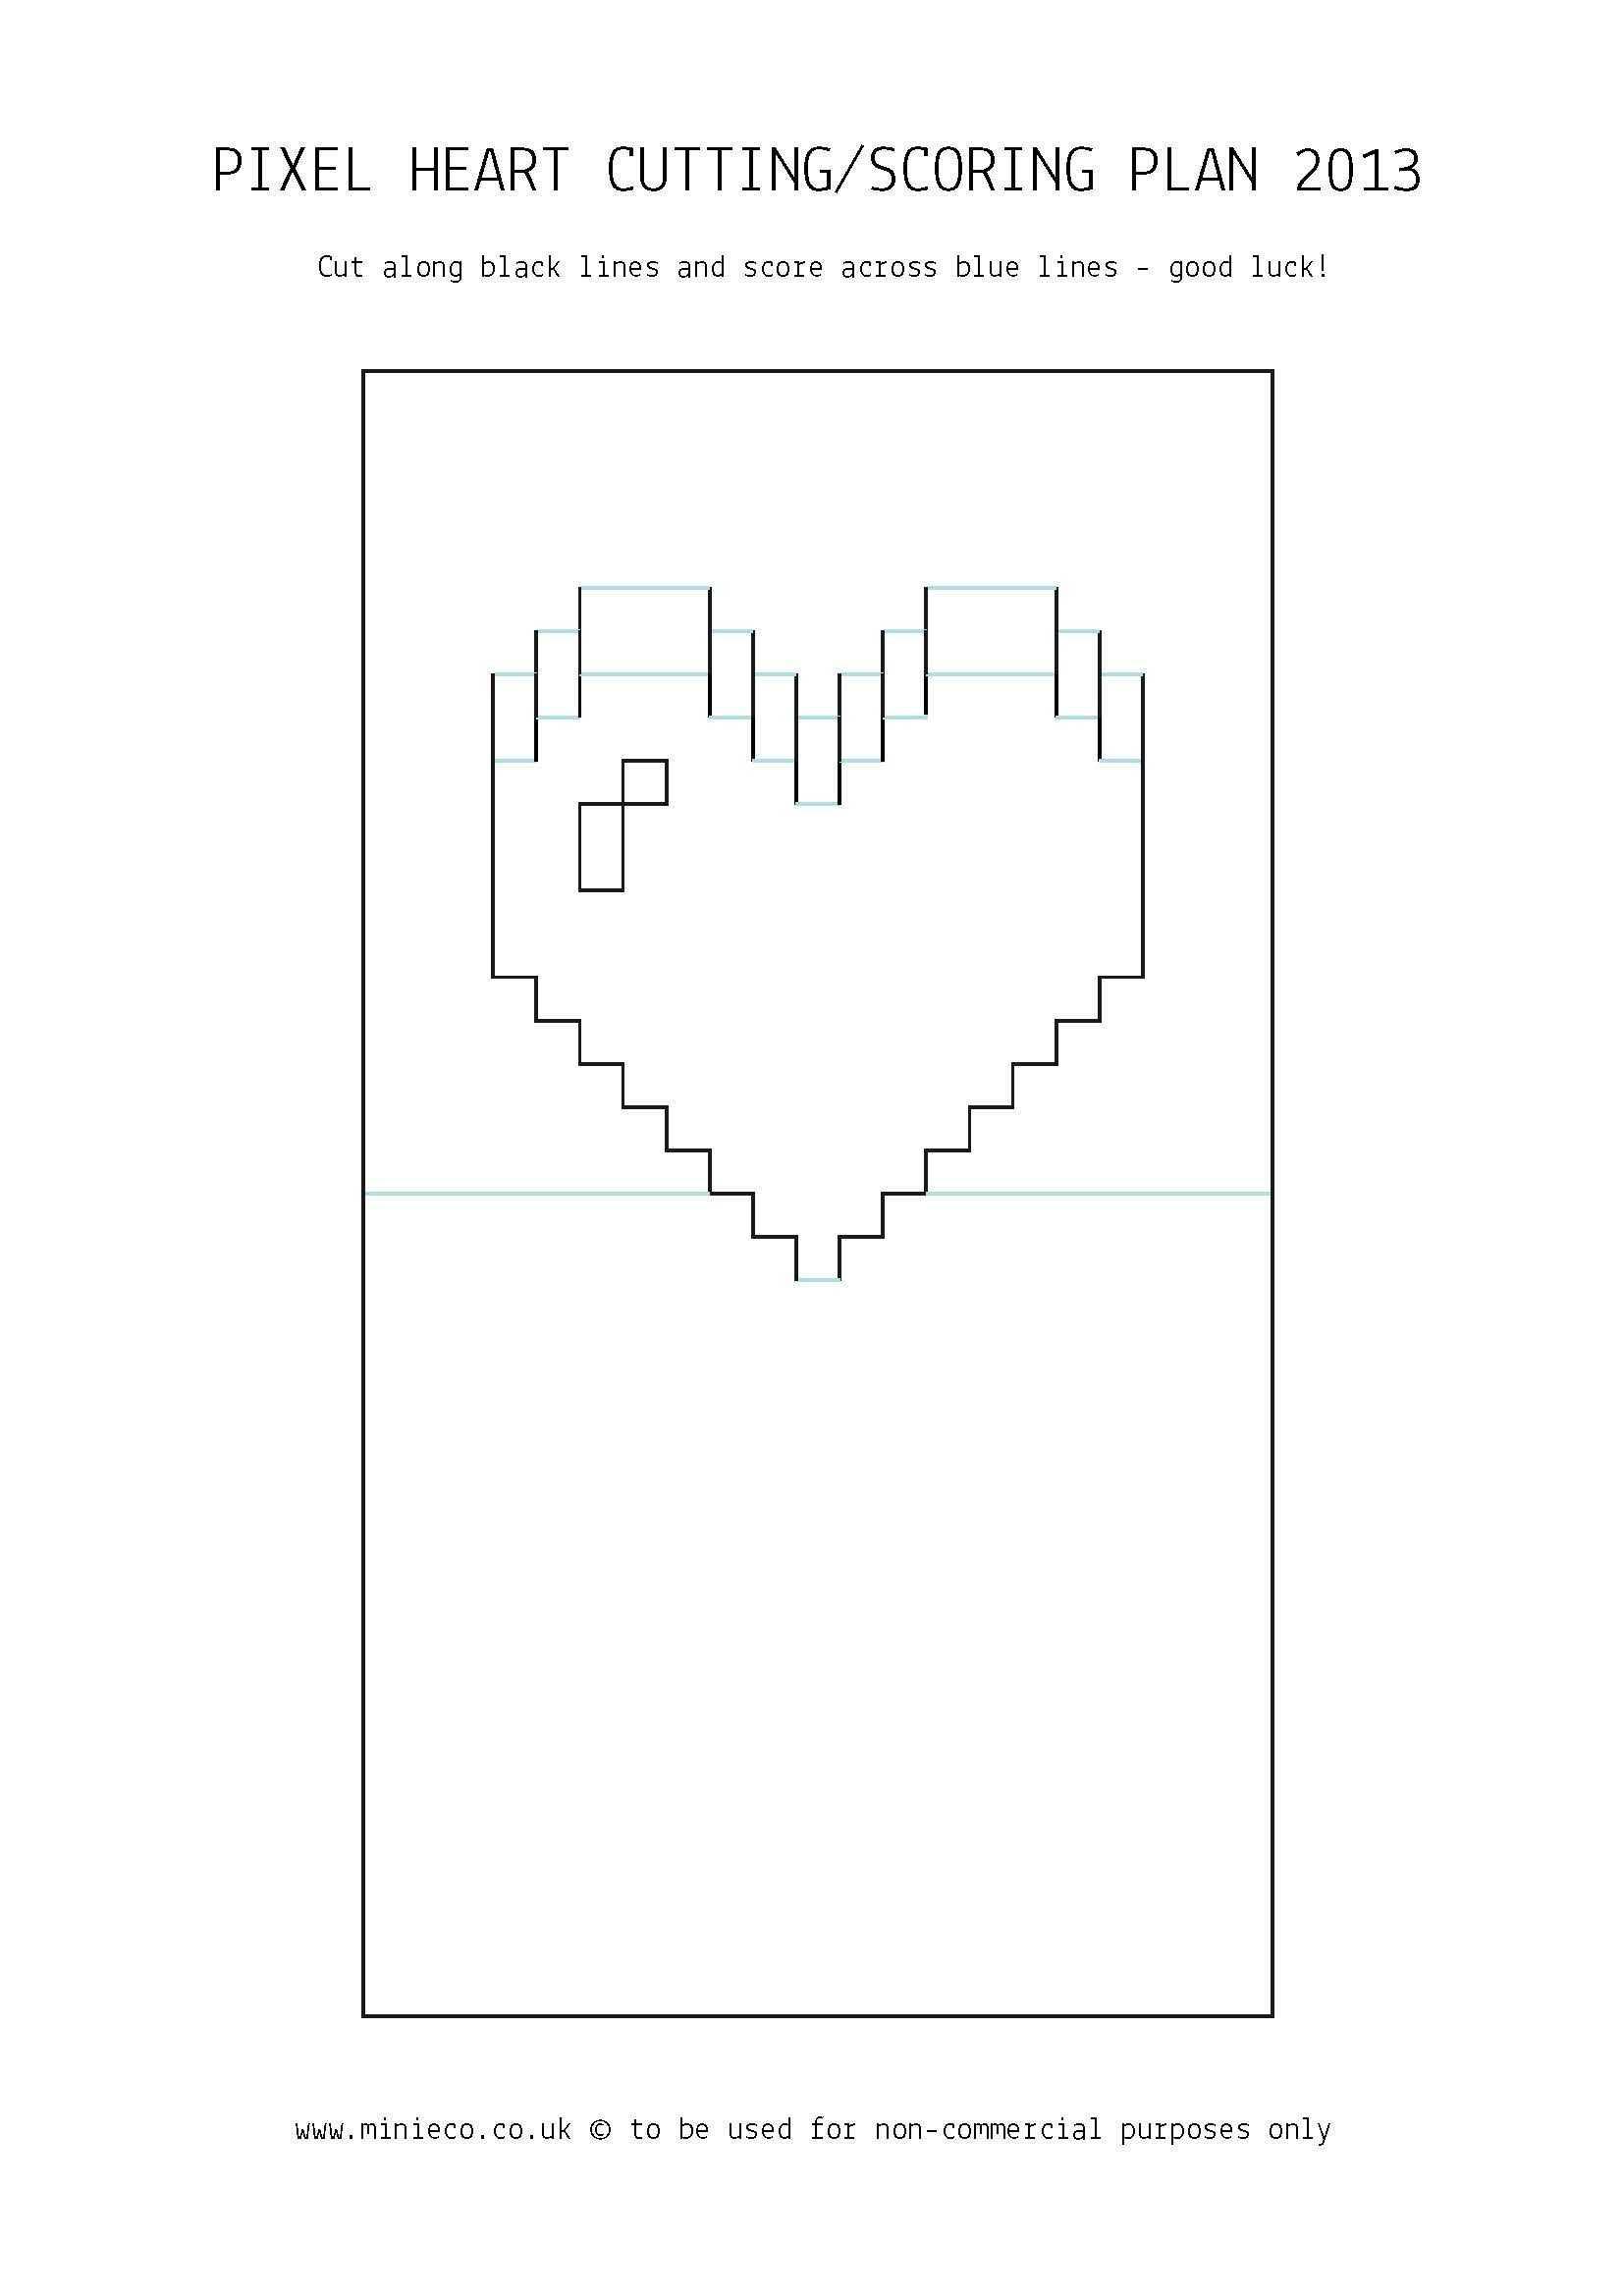 Pixel Heart Pop Up Card | Pop Up Card Templates, Heart Pop Pertaining To Pixel Heart Pop Up Card Template